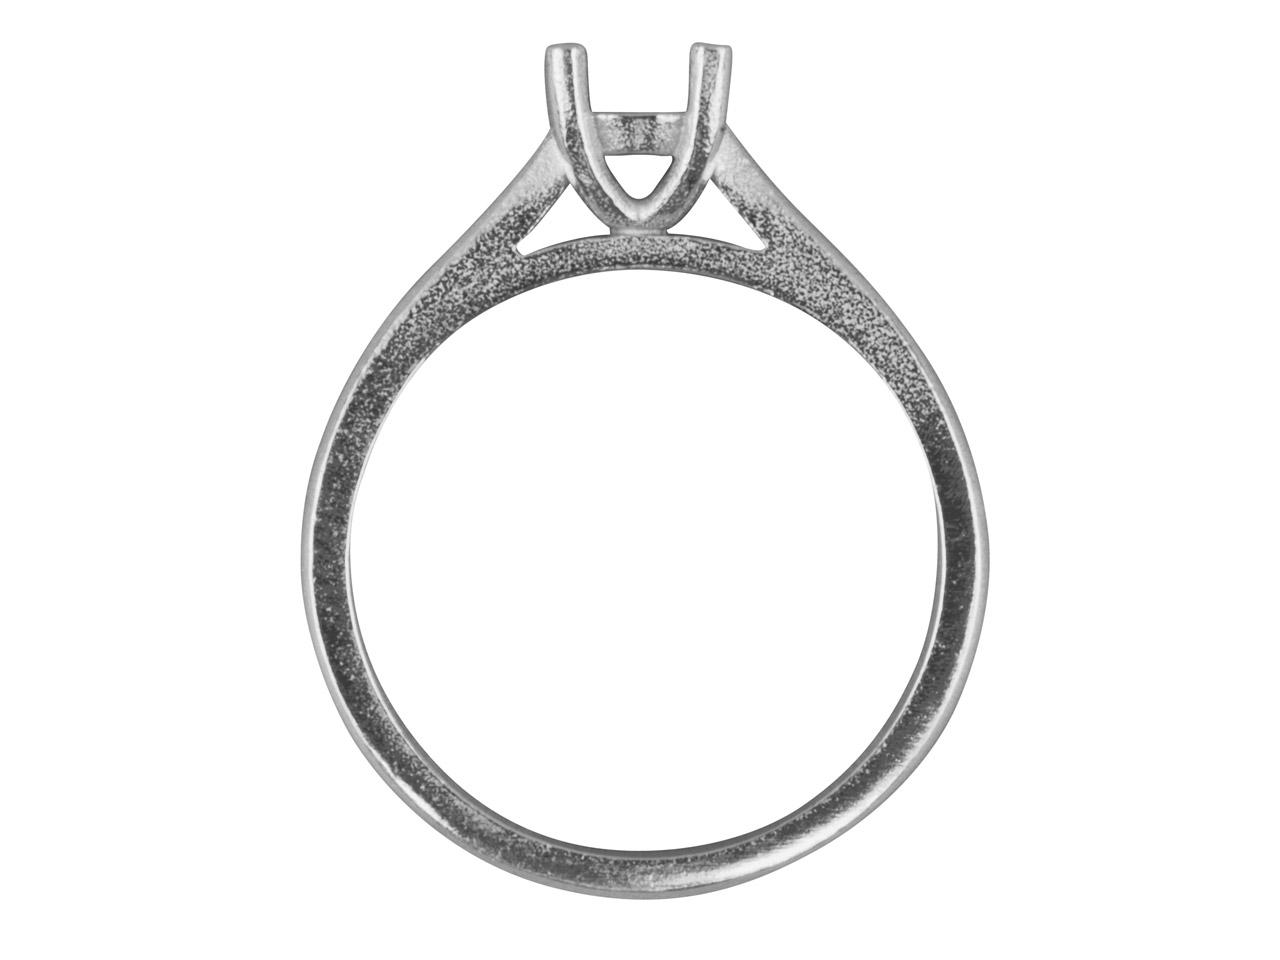 9ct White Round 4 Claw Double Bezel Ring Mount 4 0mm Hallmarked 25pt Size M